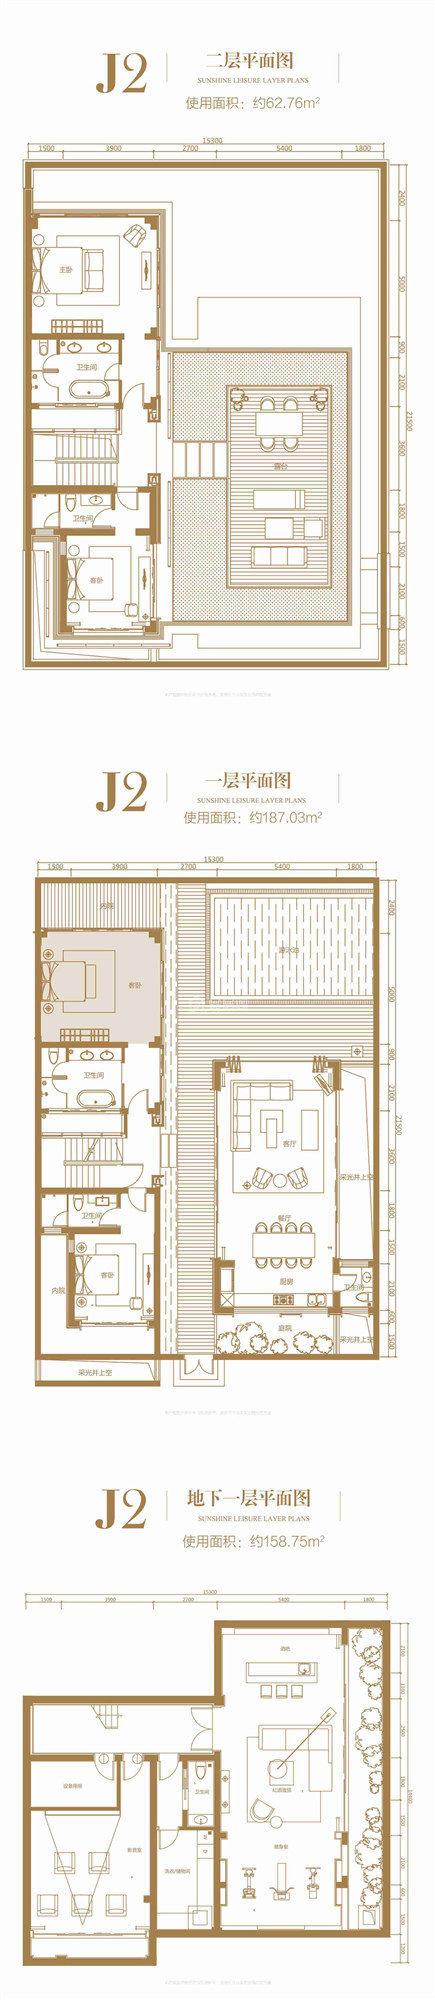 别墅J2户型 4室3厅6卫